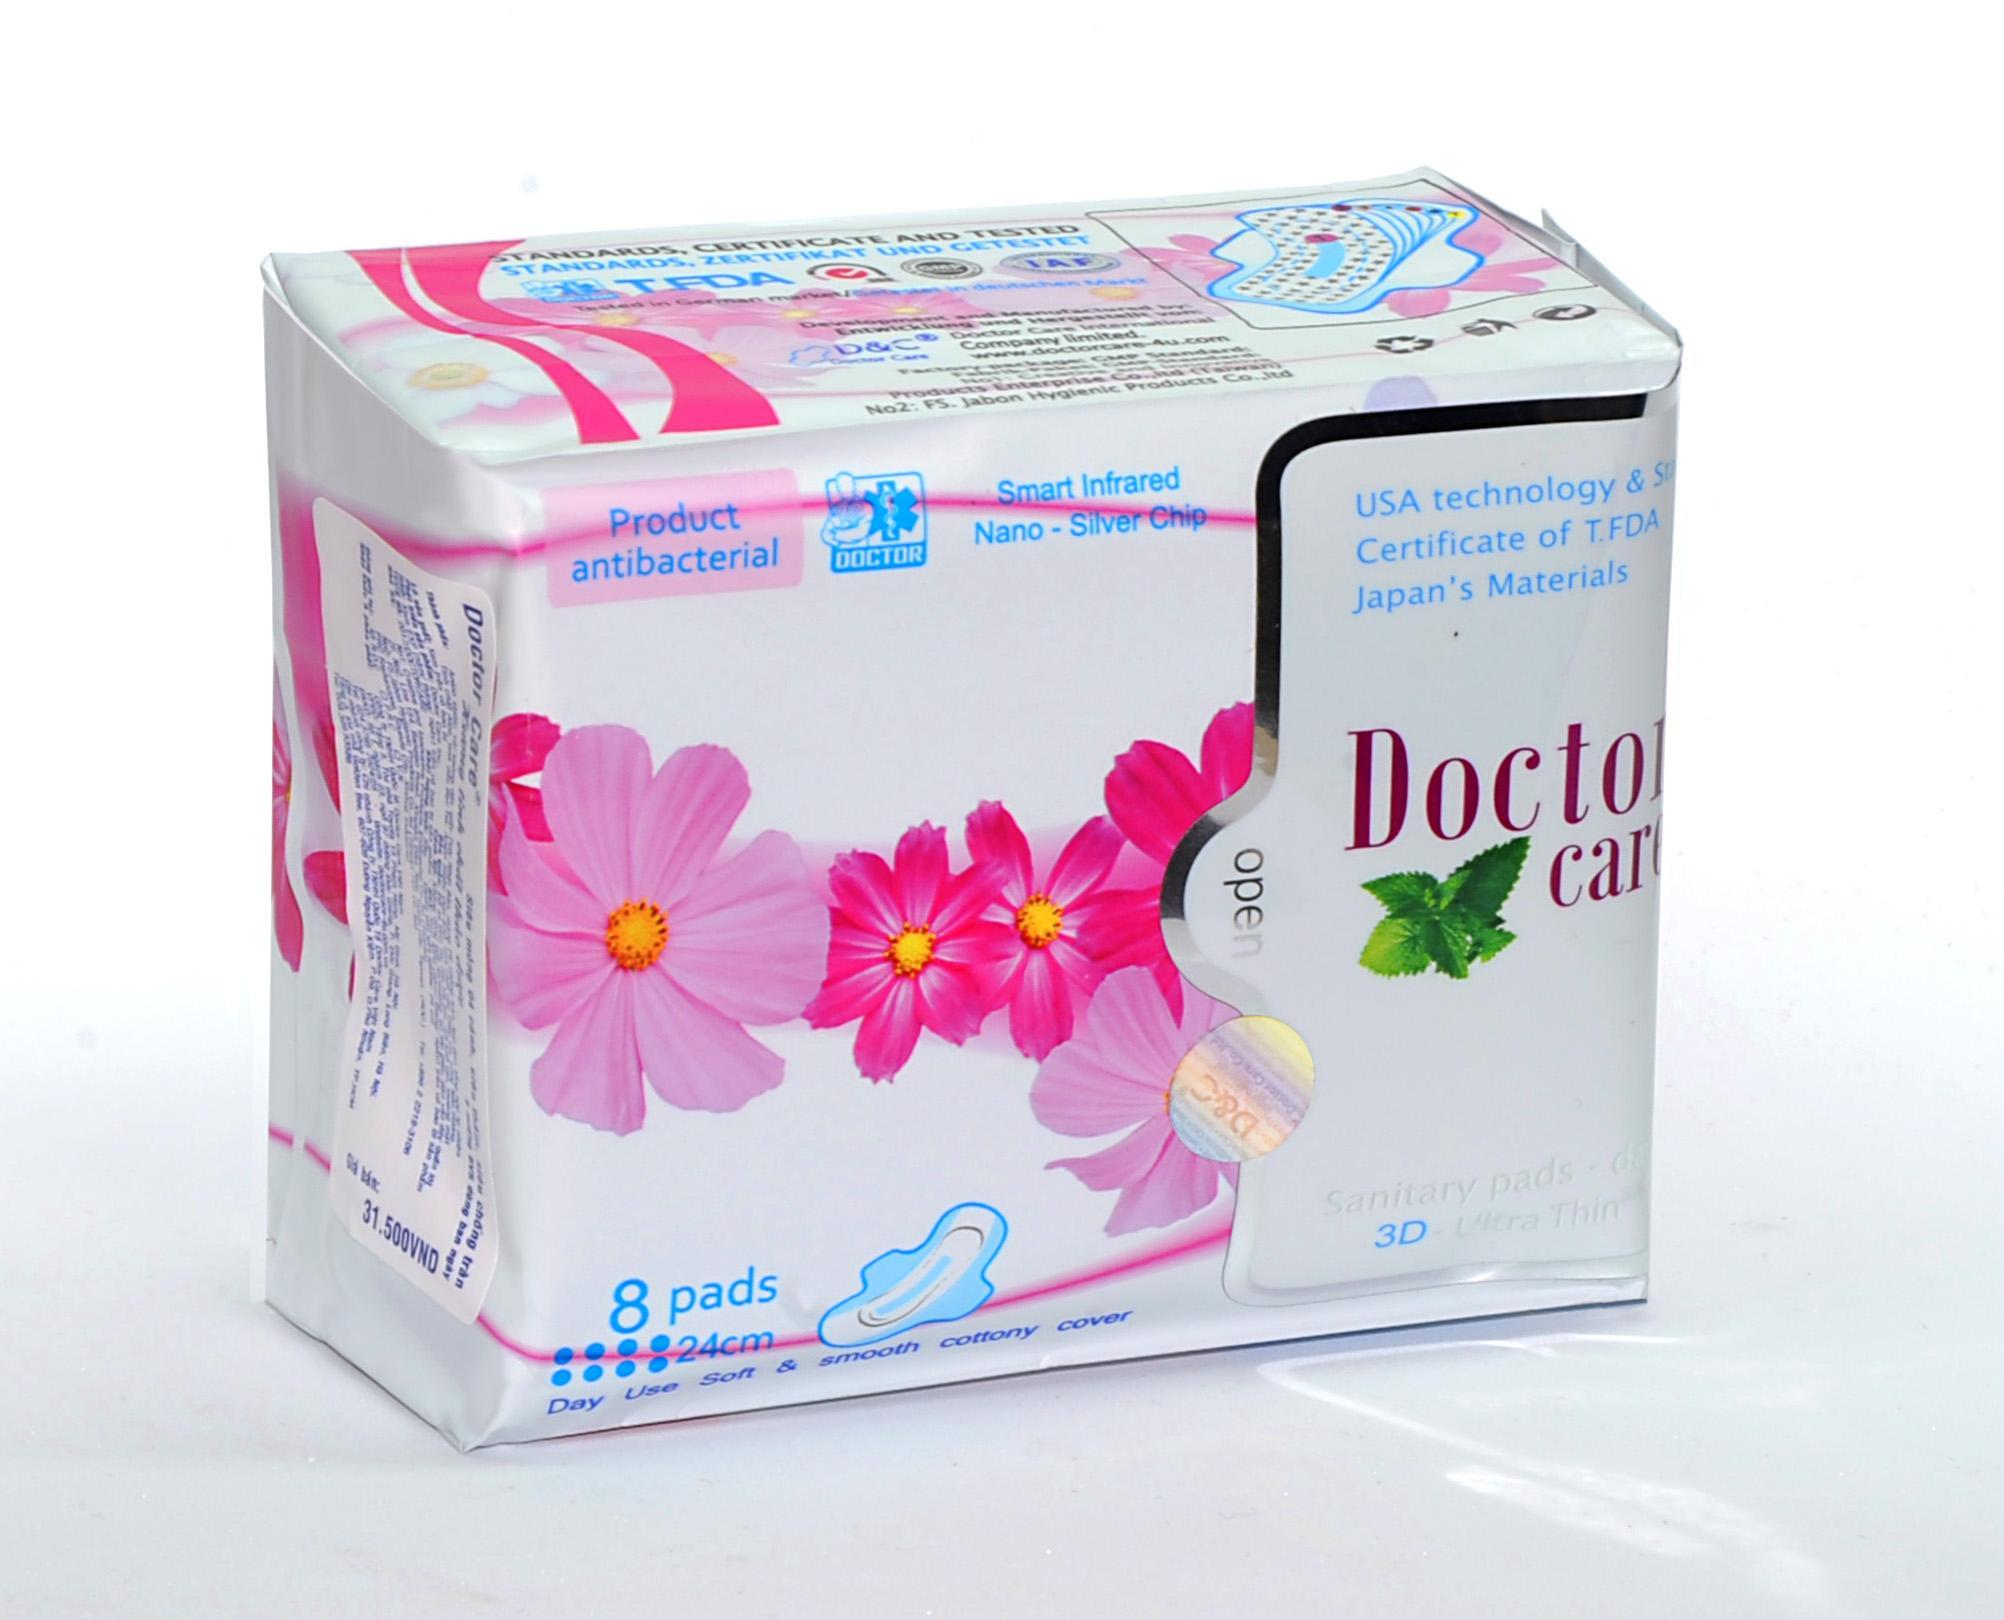 Doctor Care/Băng vệ sinh thảo dược Doctor Care ban ngày nhập khẩu